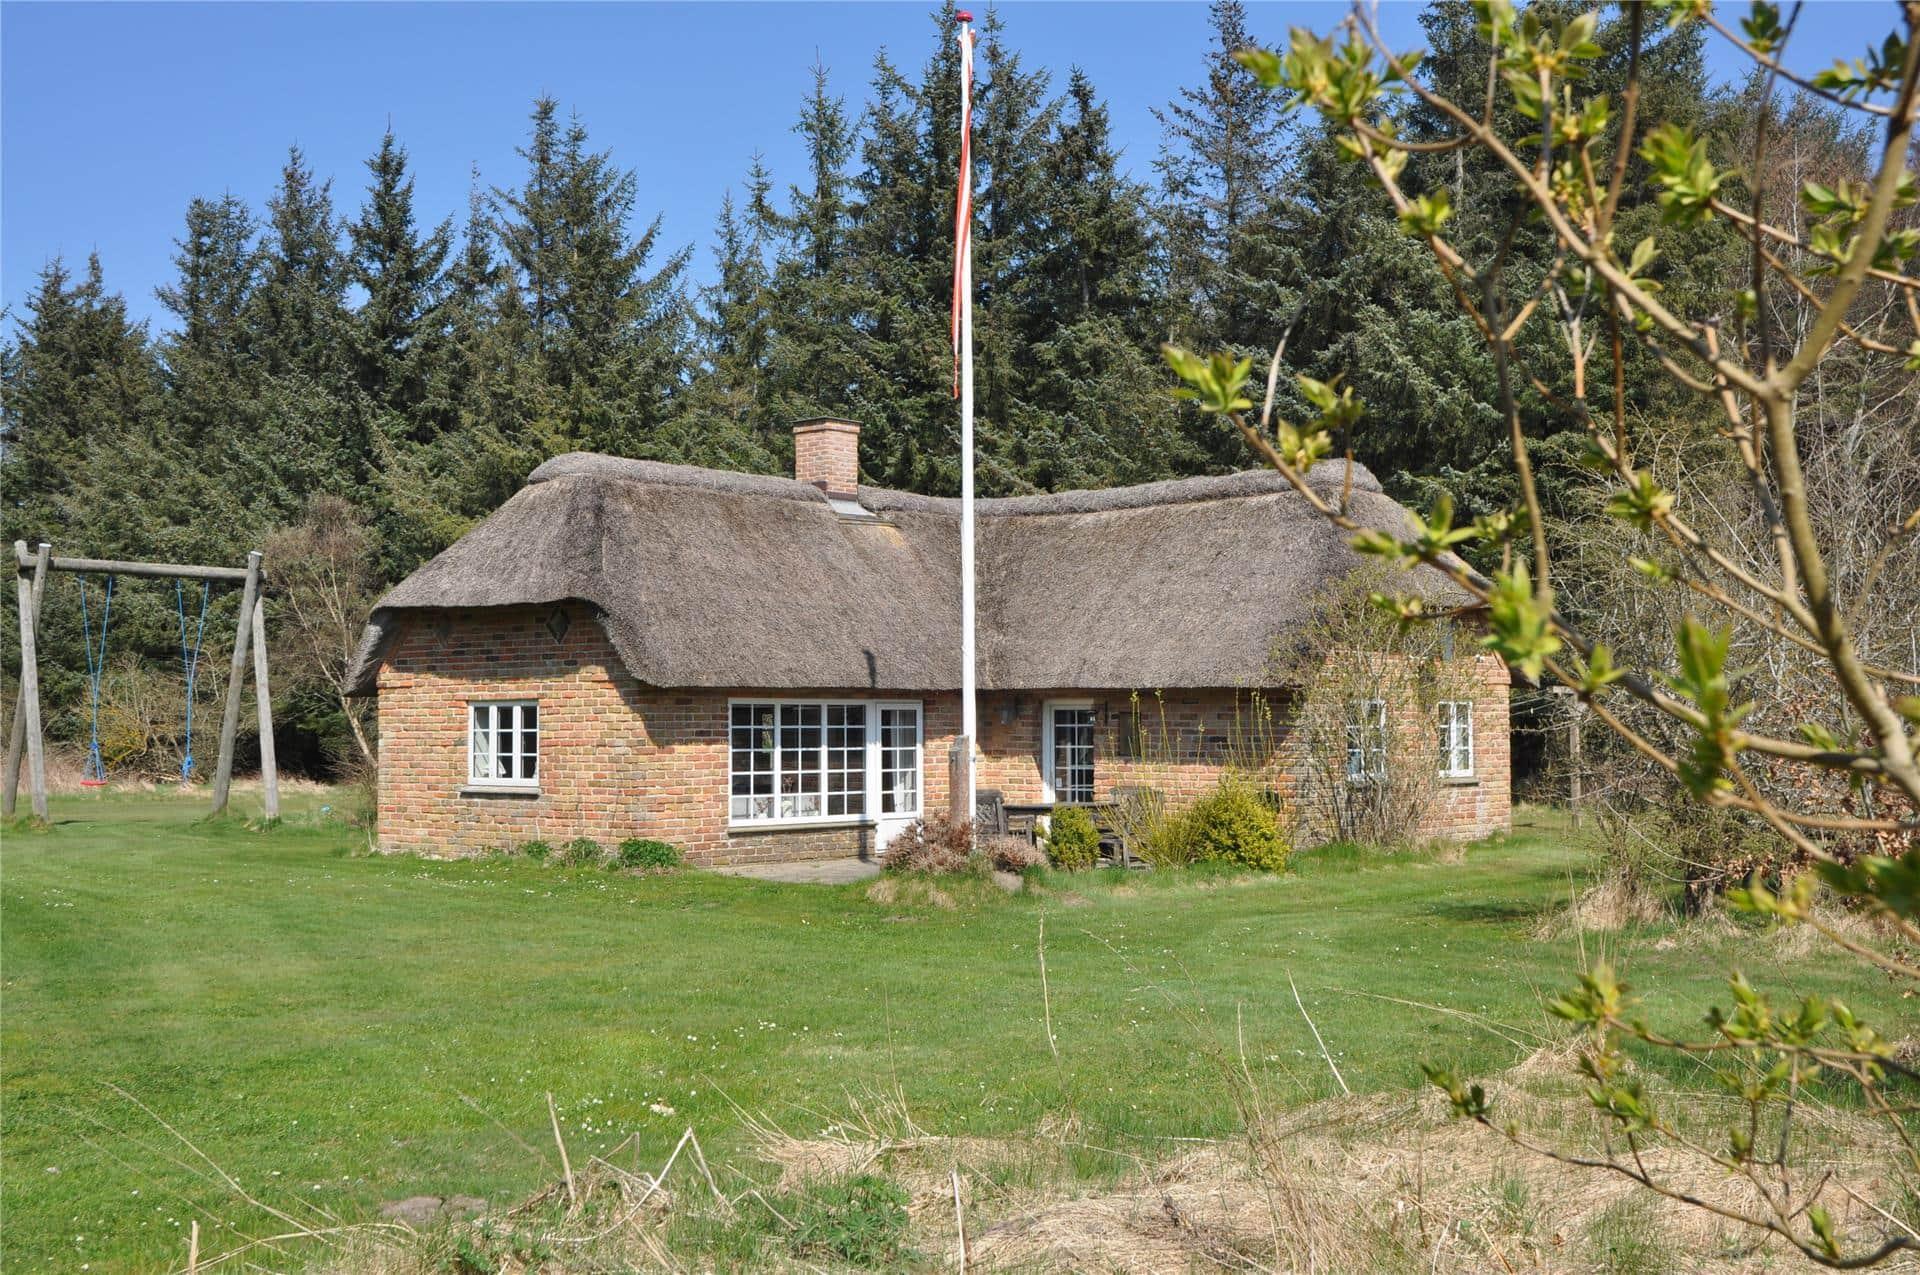 Bild 1-175 Ferienhaus 10053, Svollingvej 2, DK - 6990 Ulfborg